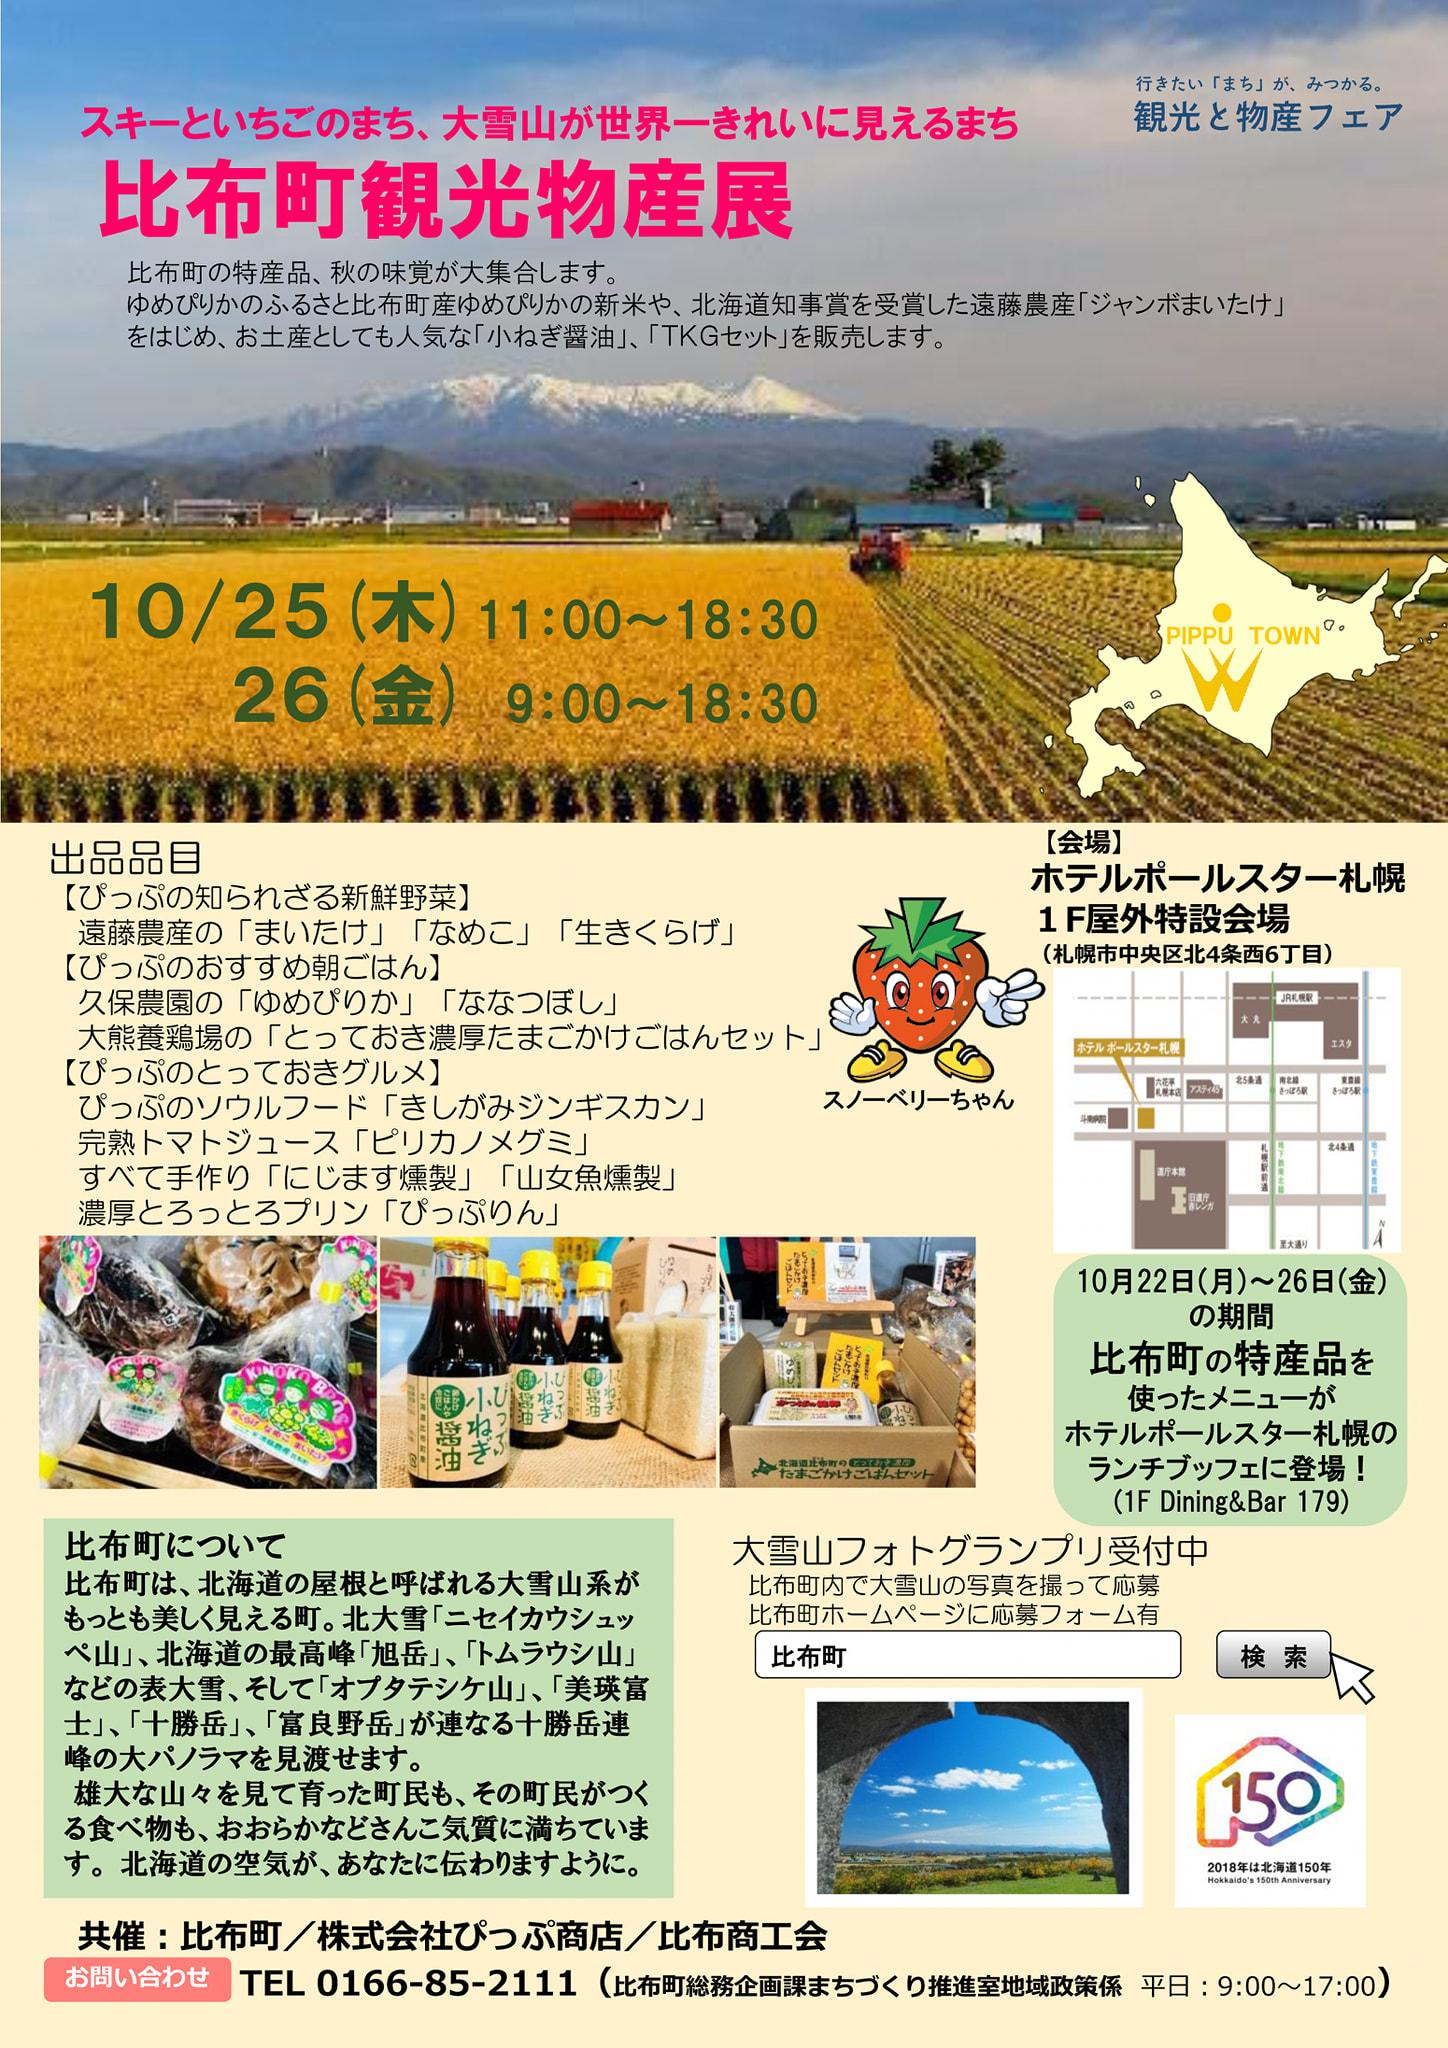 比布町観光物産展のポスター